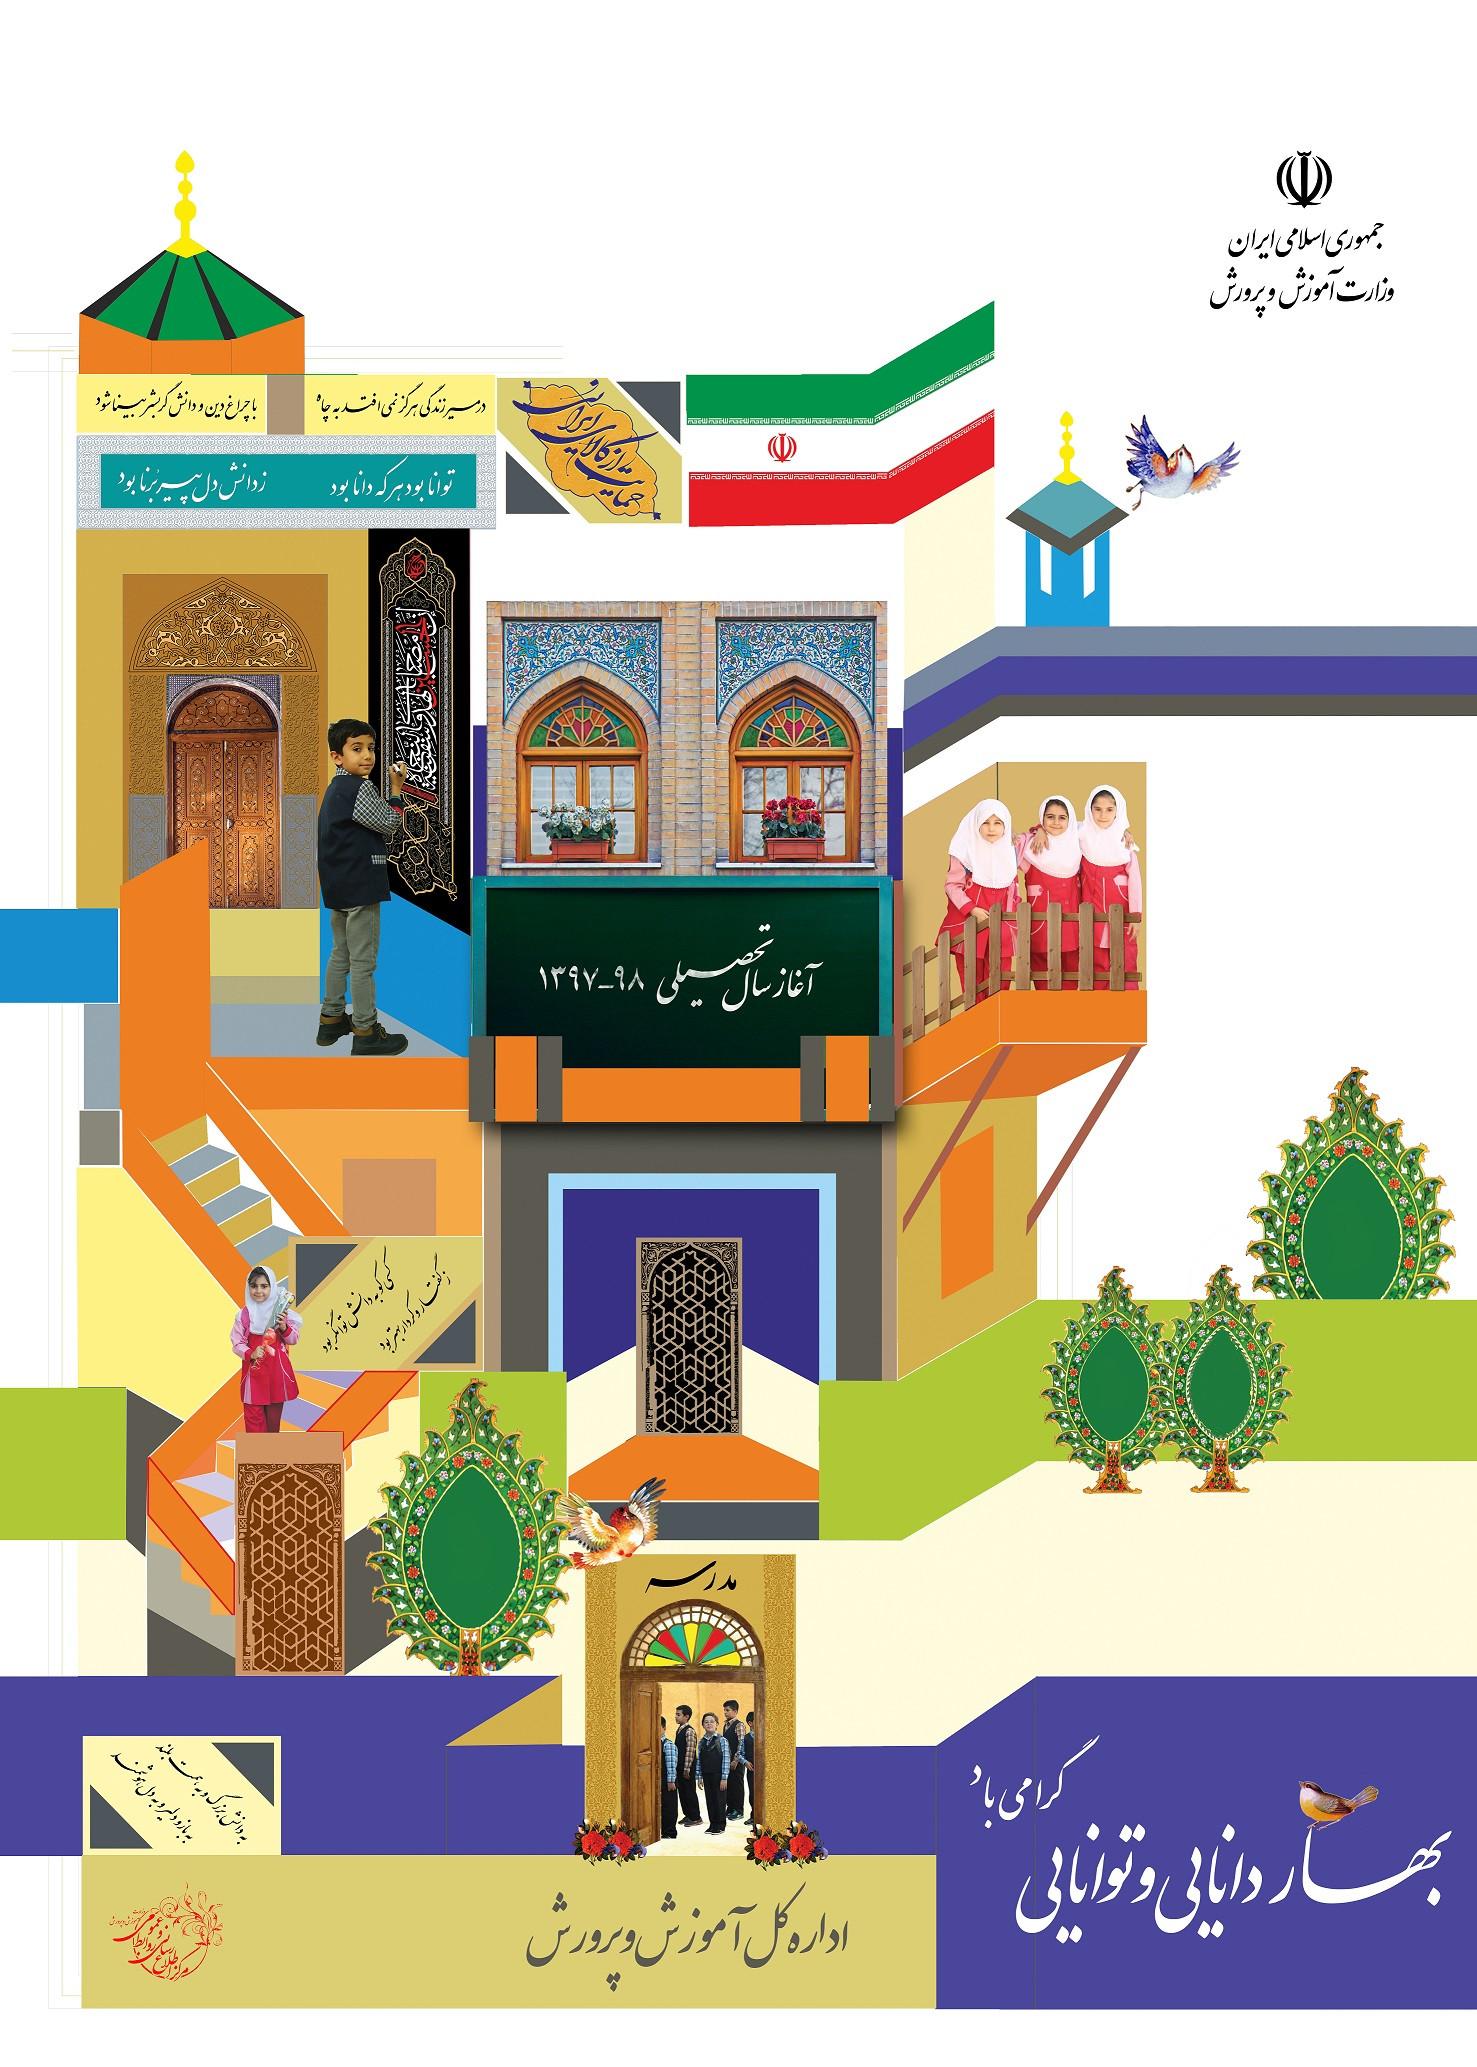 پوستر رسمی بازگشایی مدارس در مهرماه 97 (عکس)